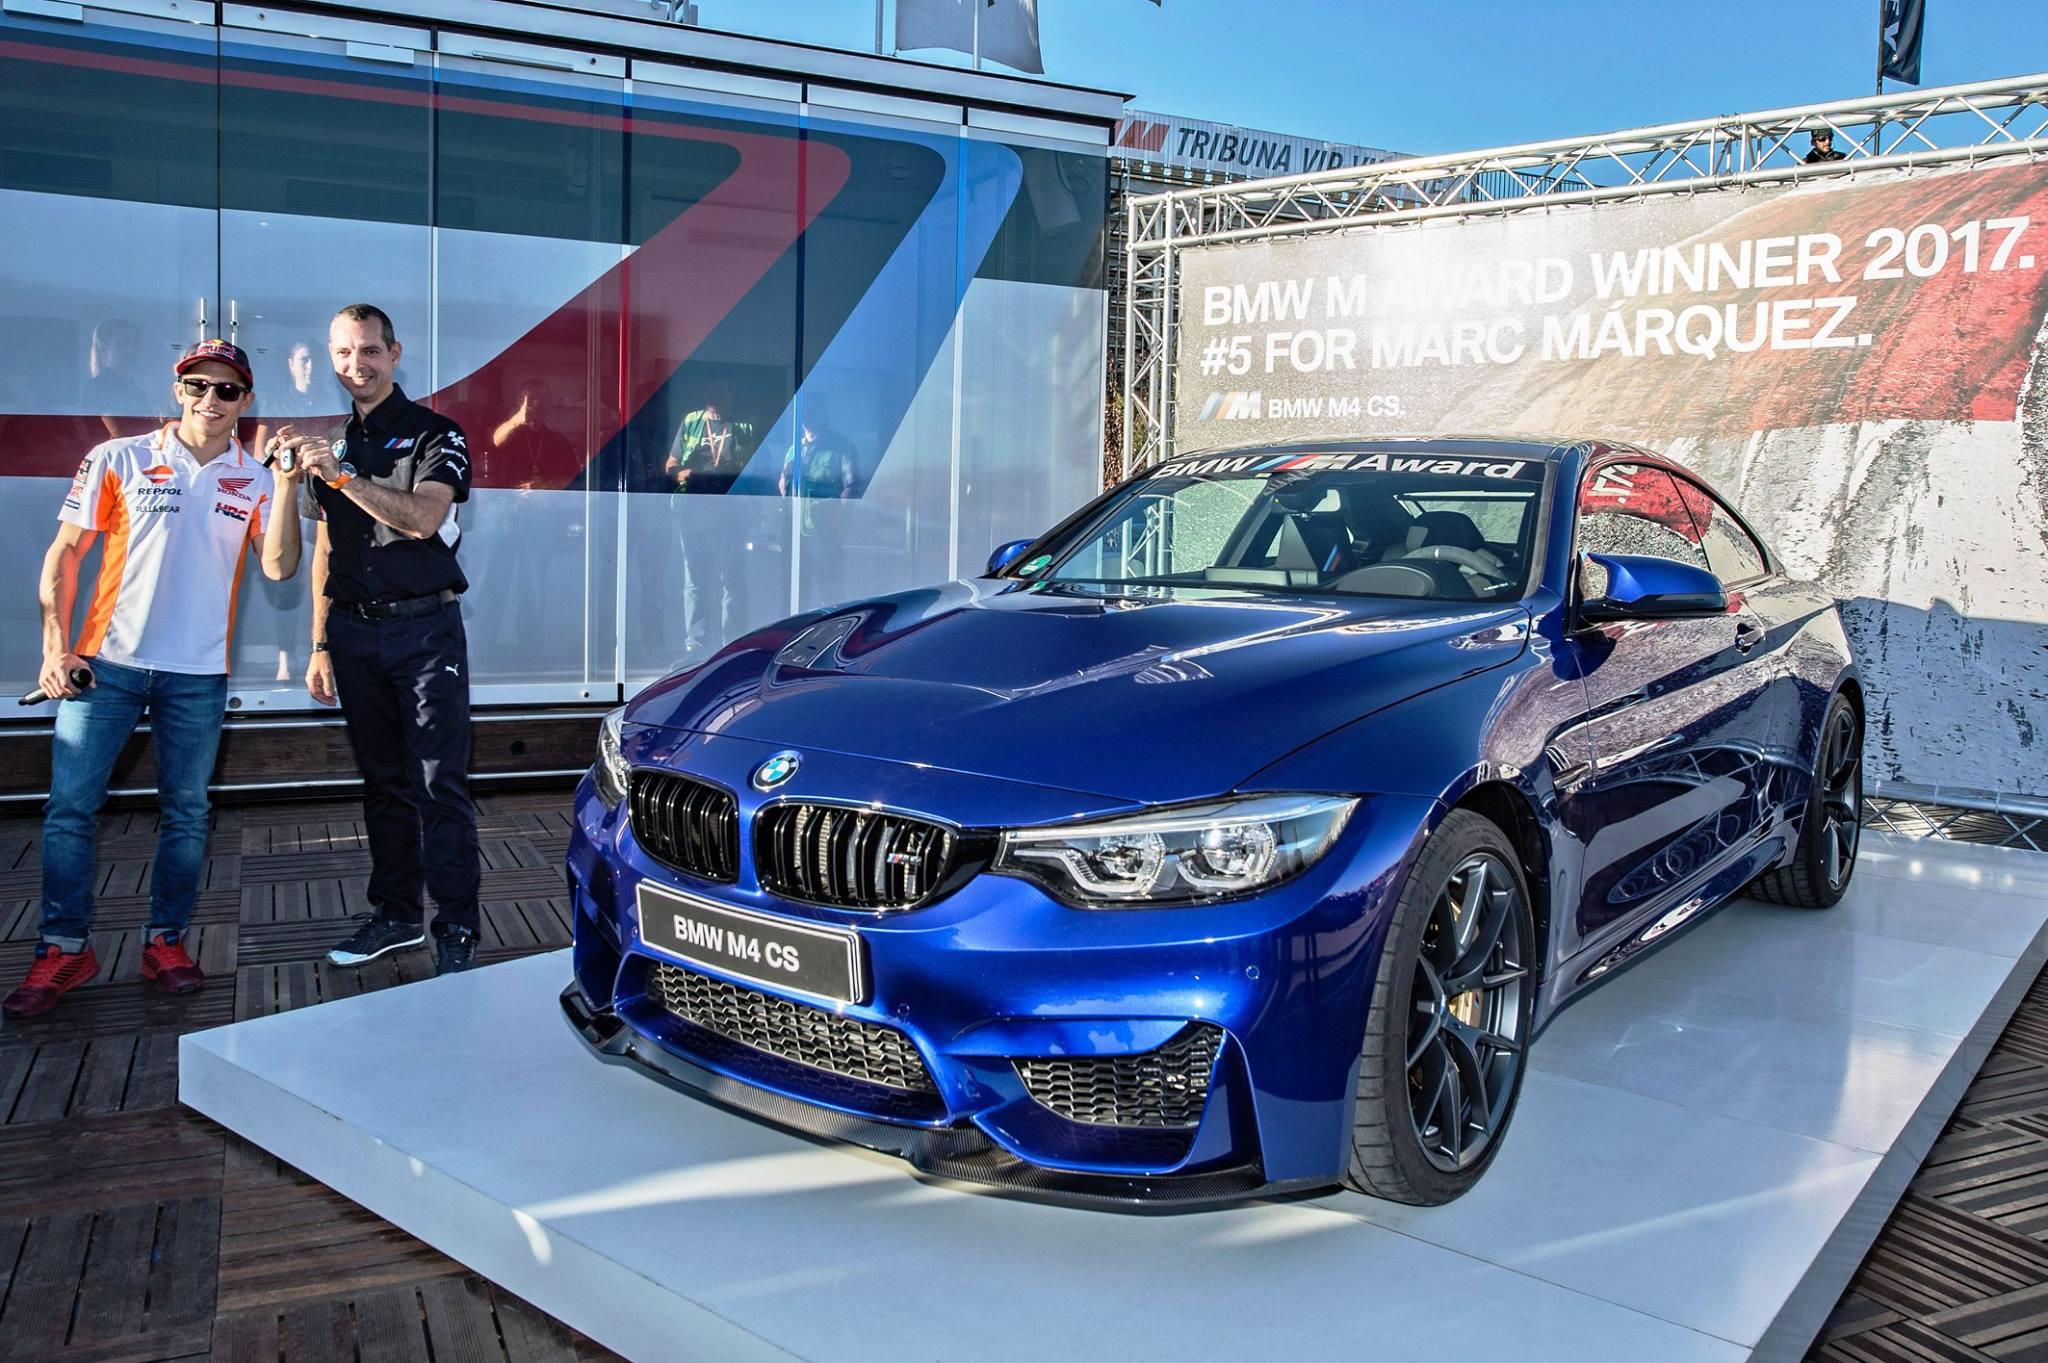 BMW M4 CS Marquez